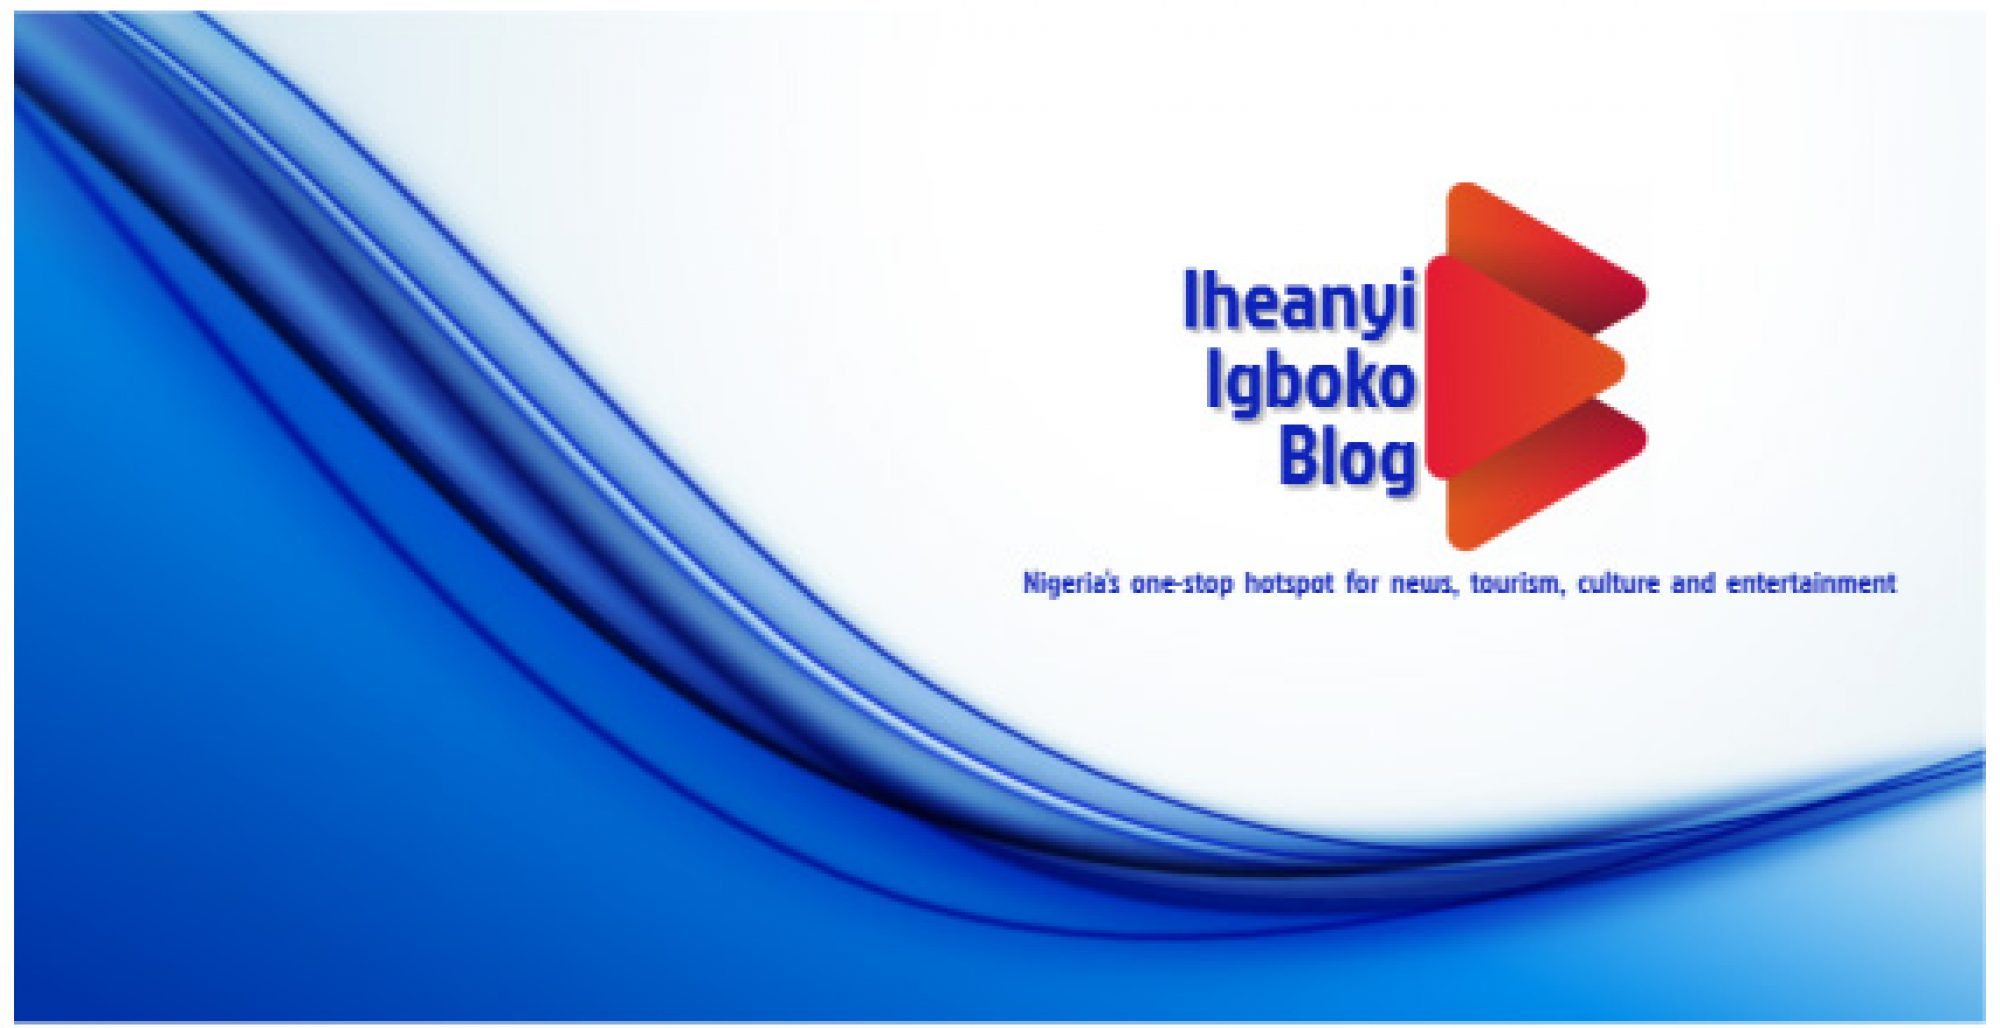 IHEANYI IGBOKO BLOG